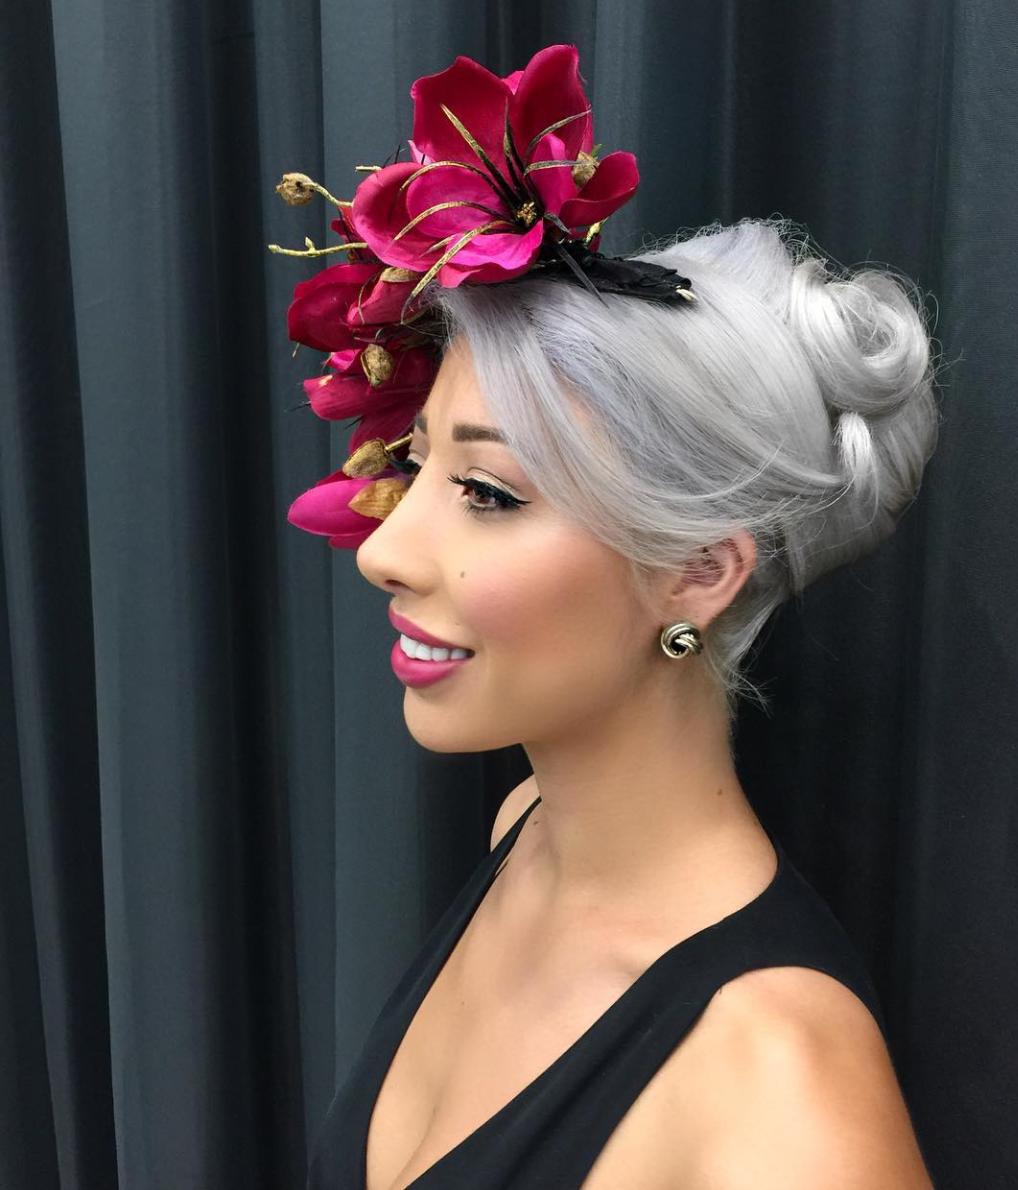 Pink Flower Crown Millinery Market In 2021 Fascinator Hairstyles Wedding Guest Hairstyles Hair Styles